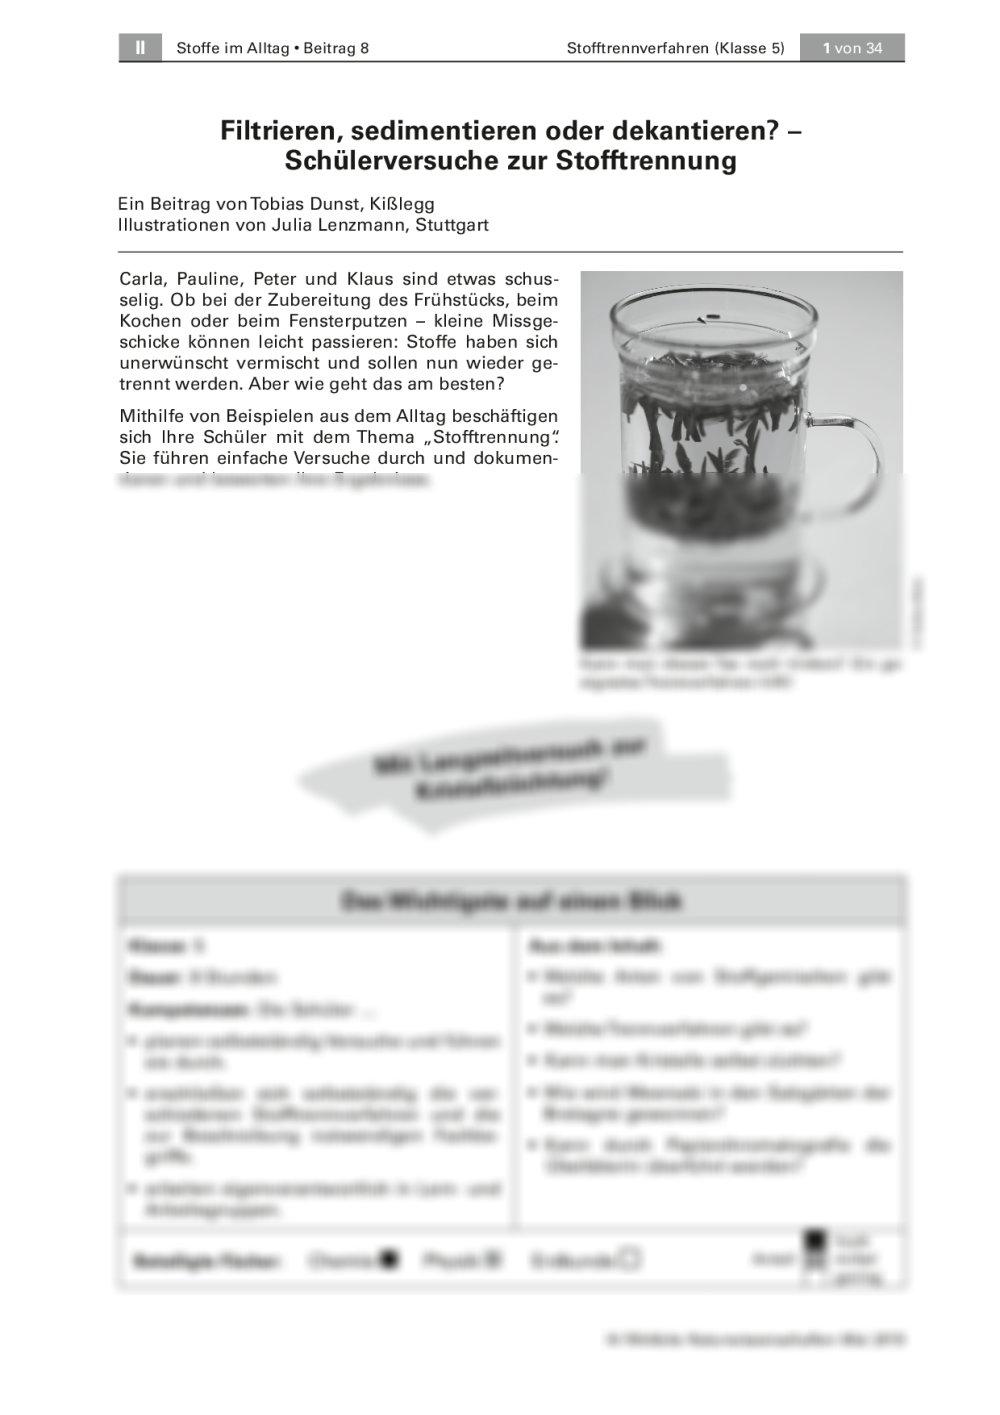 Stofftrennverfahren - Seite 1